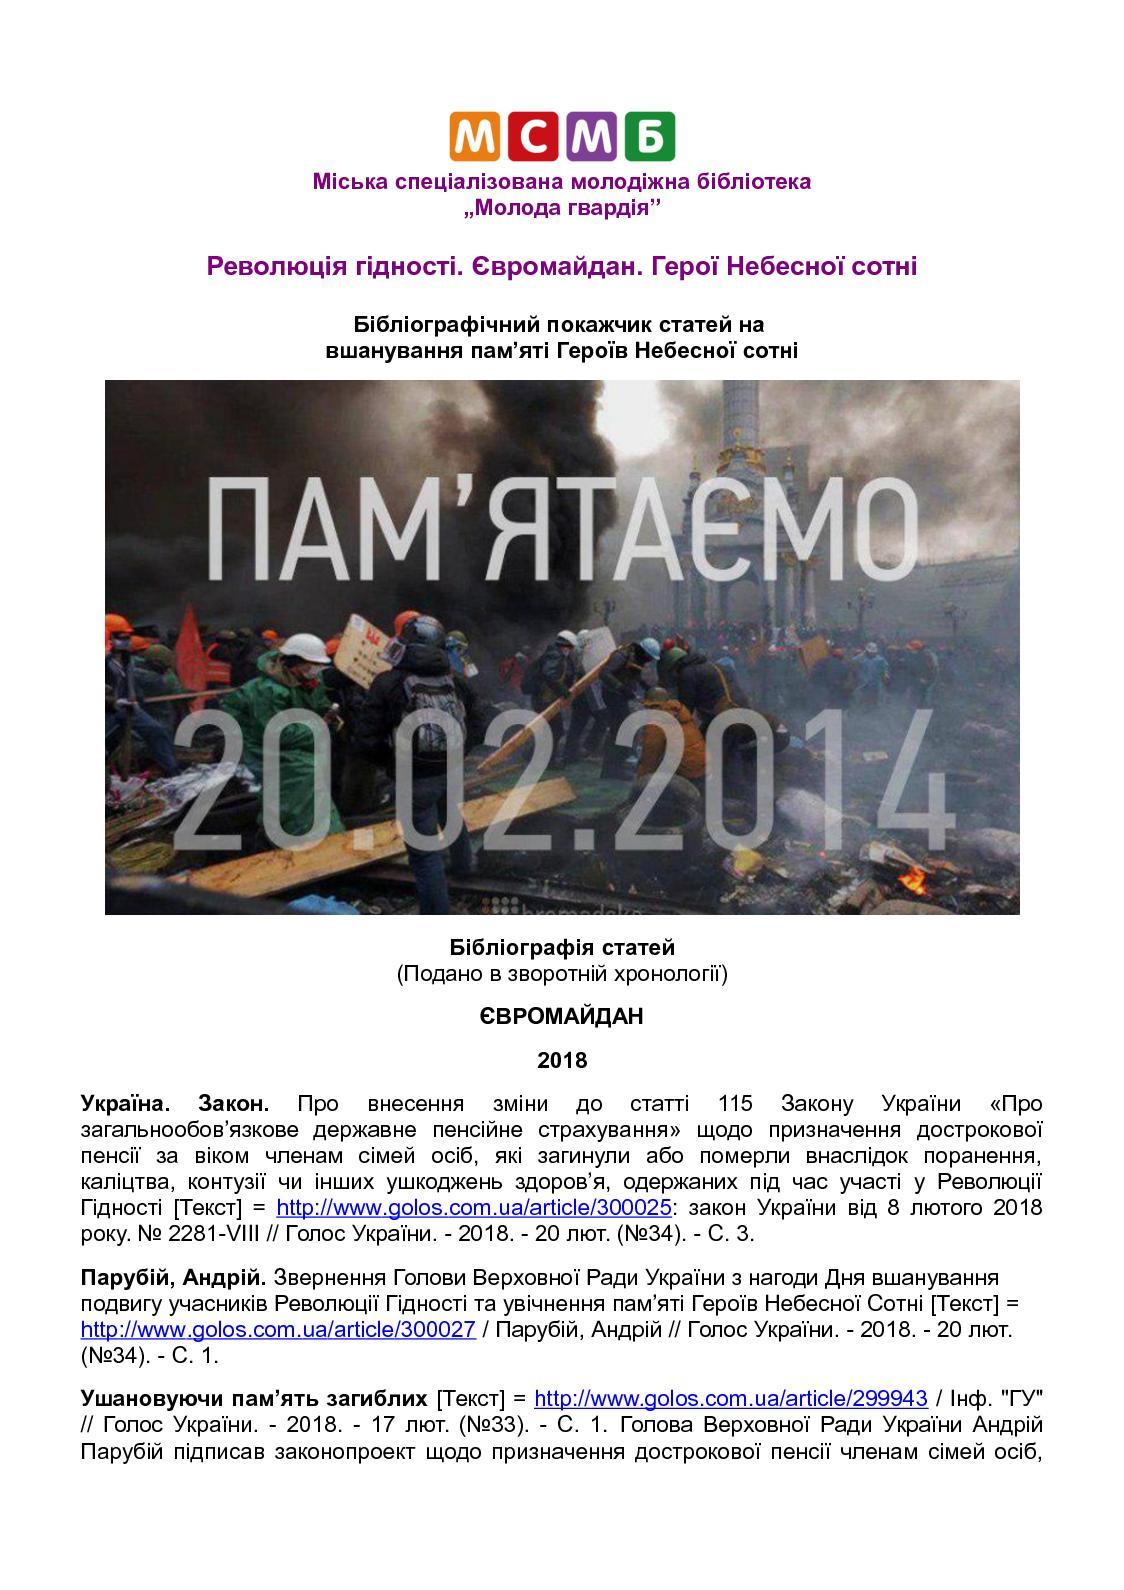 Євромайдан Революція гідності Герої Небесної сотні